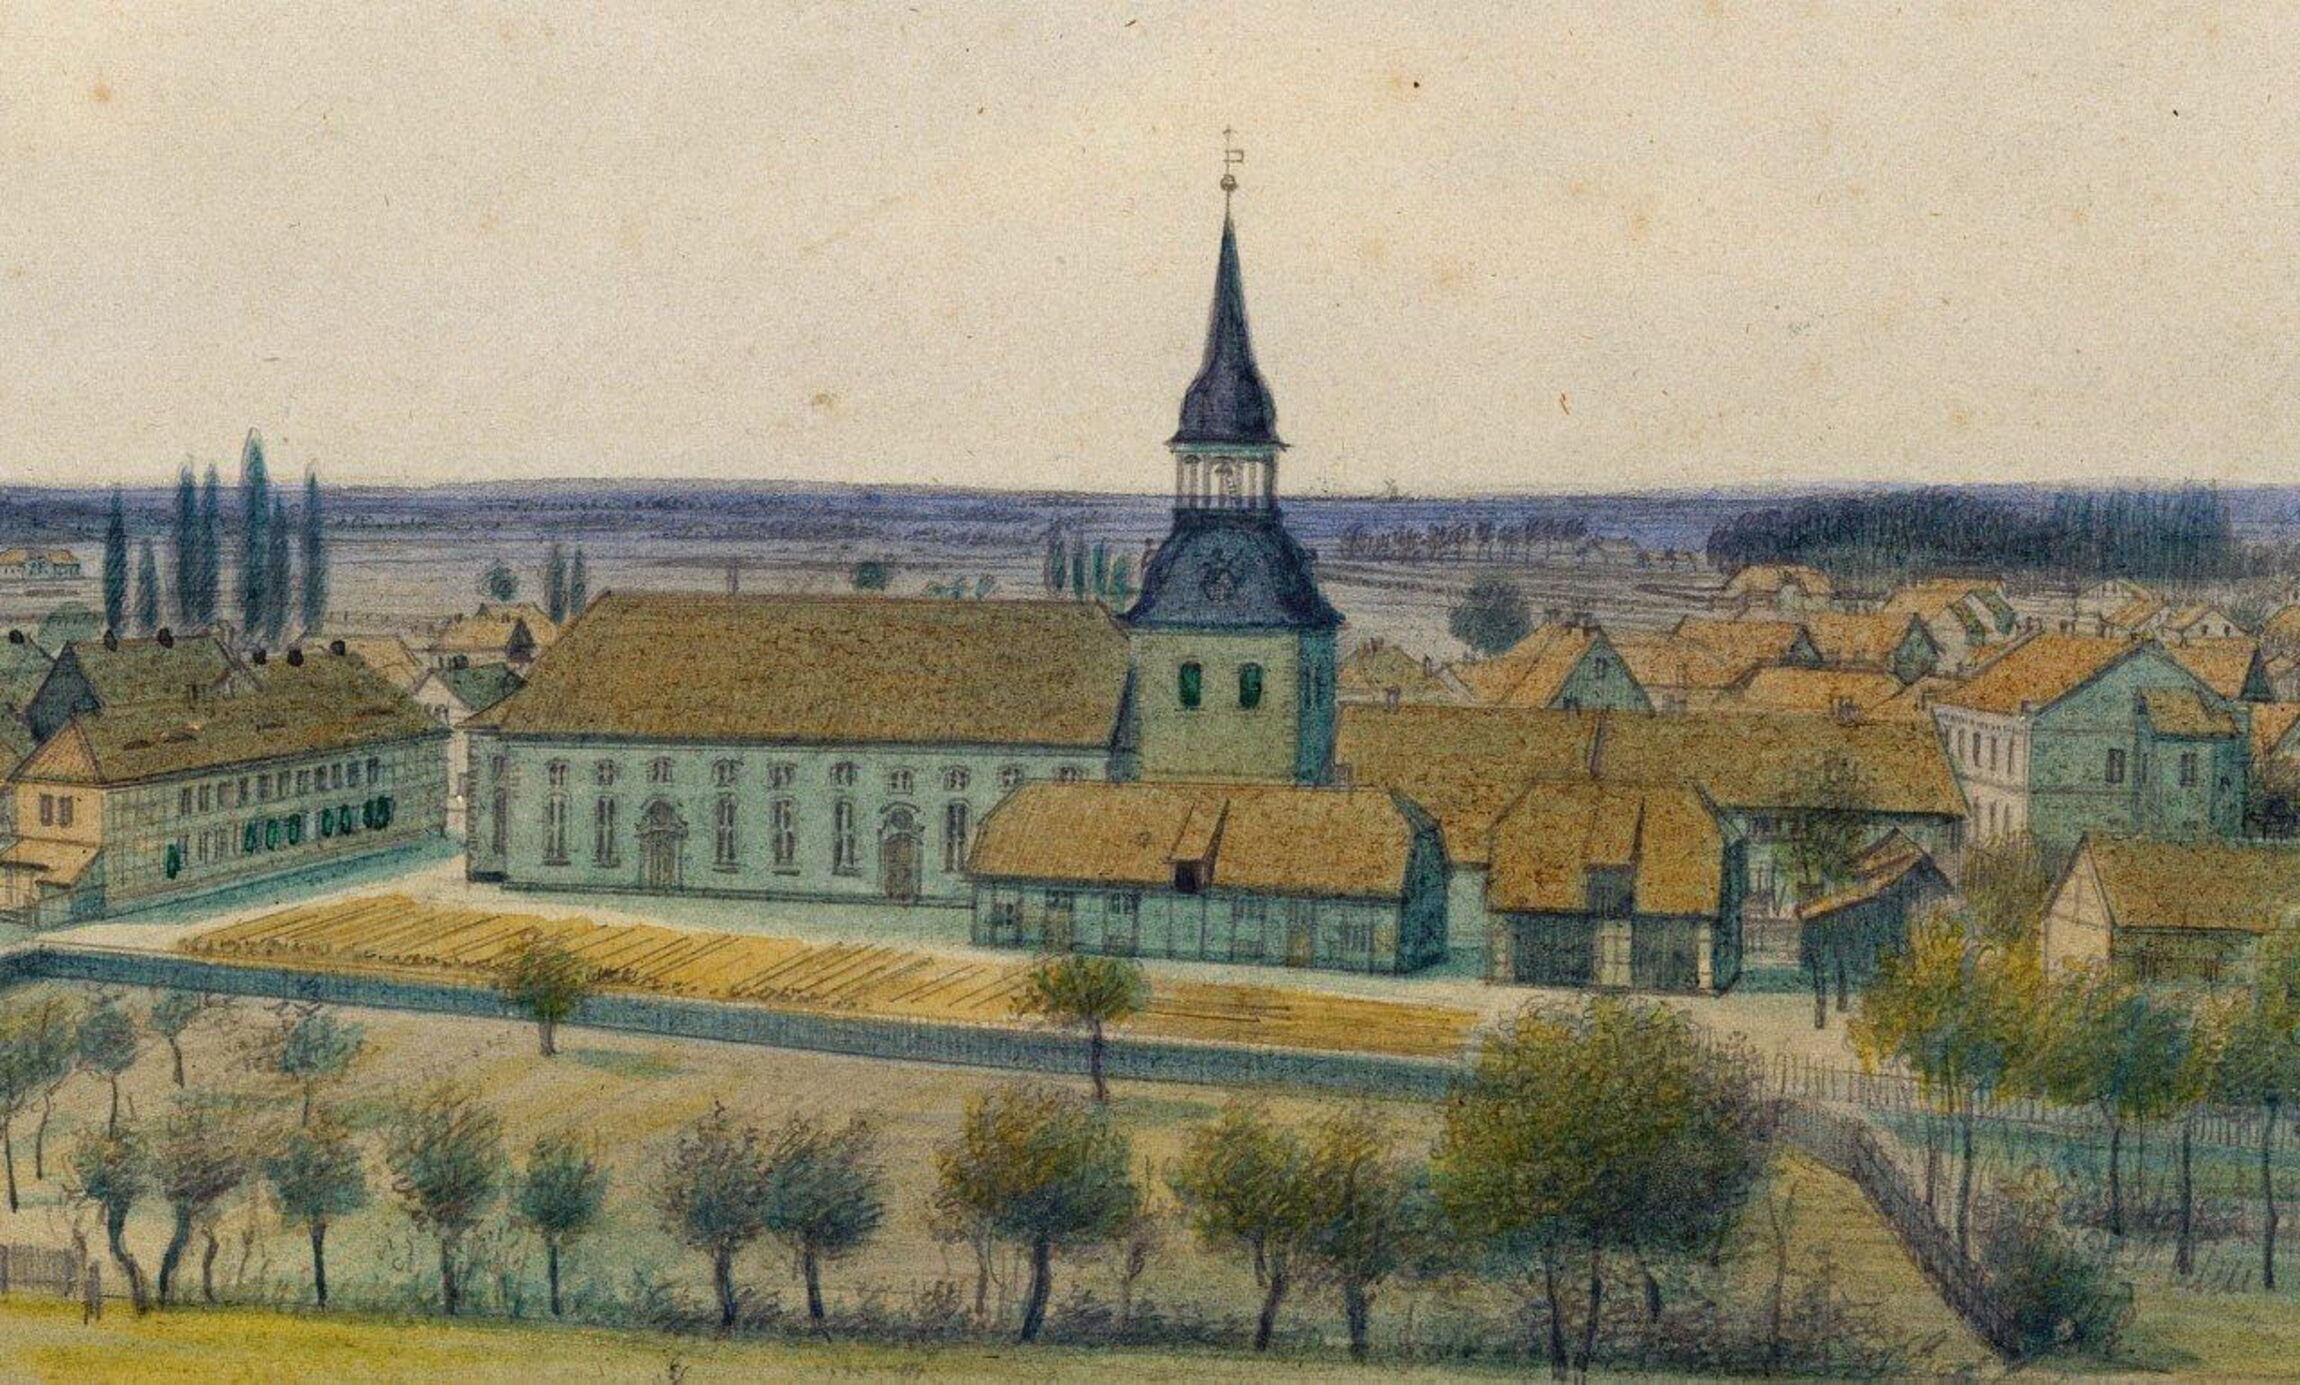 Blick vom Schloß auf Kirche um 1865